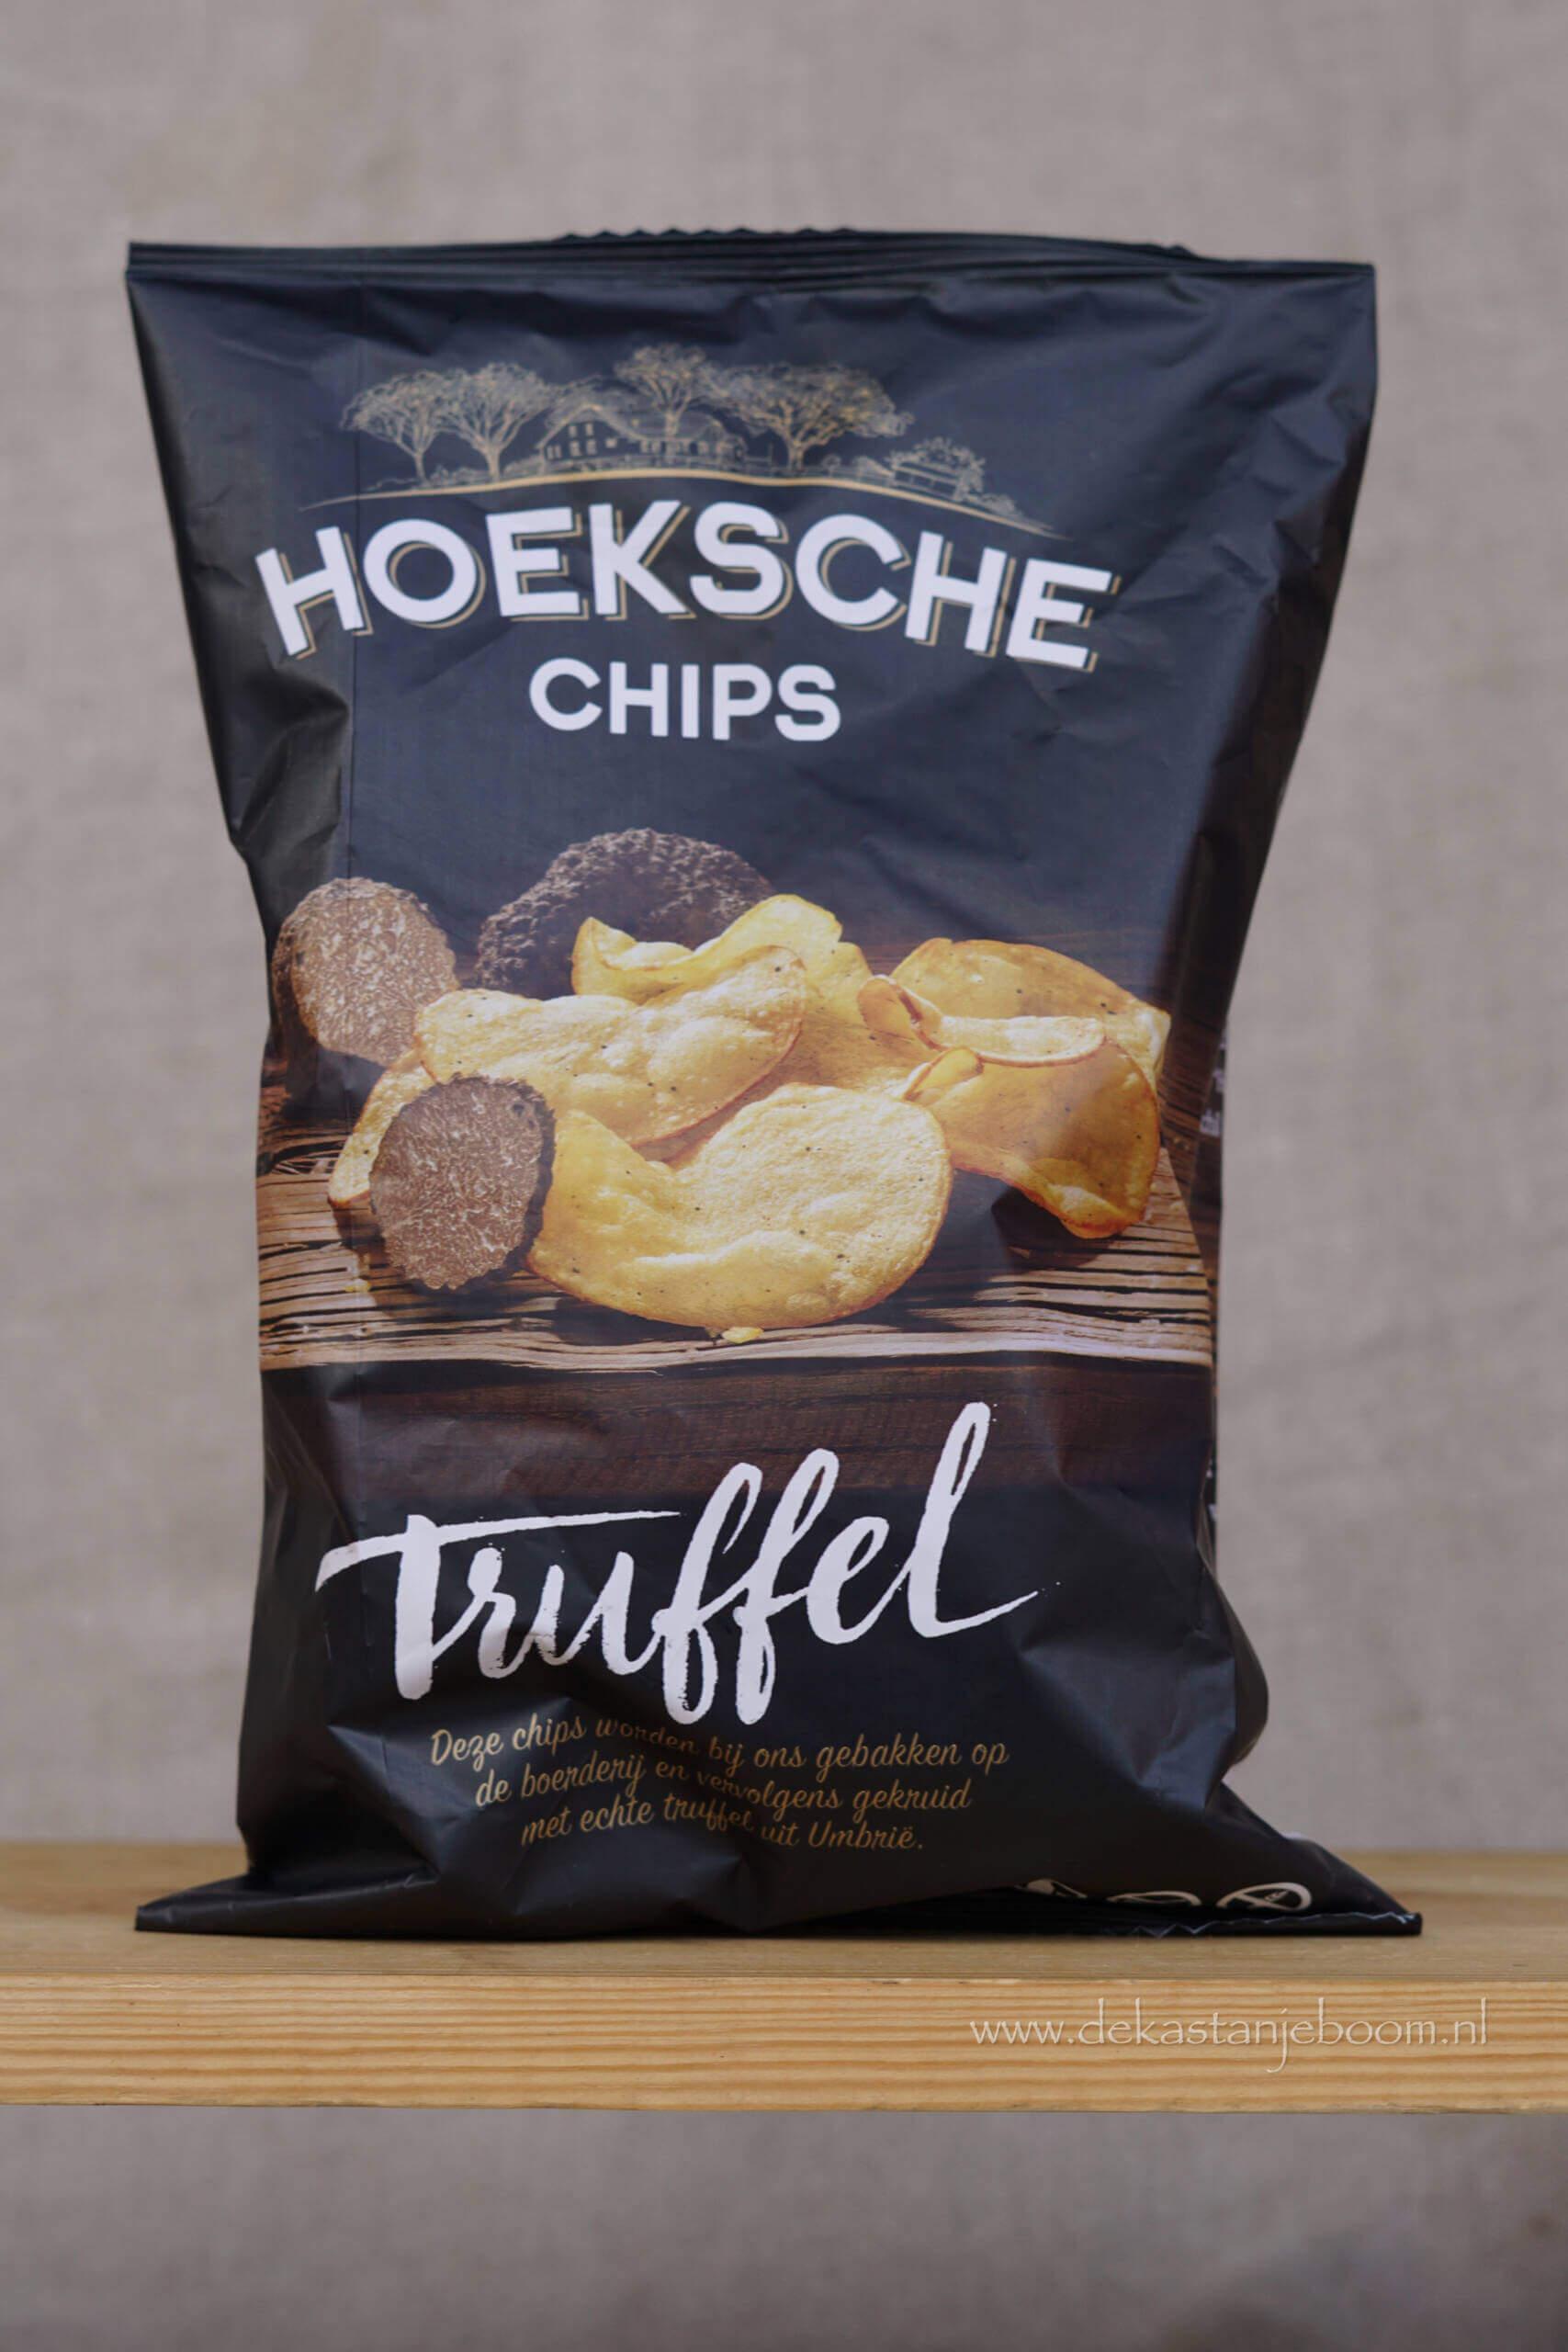 Hoeksche chips - truffel